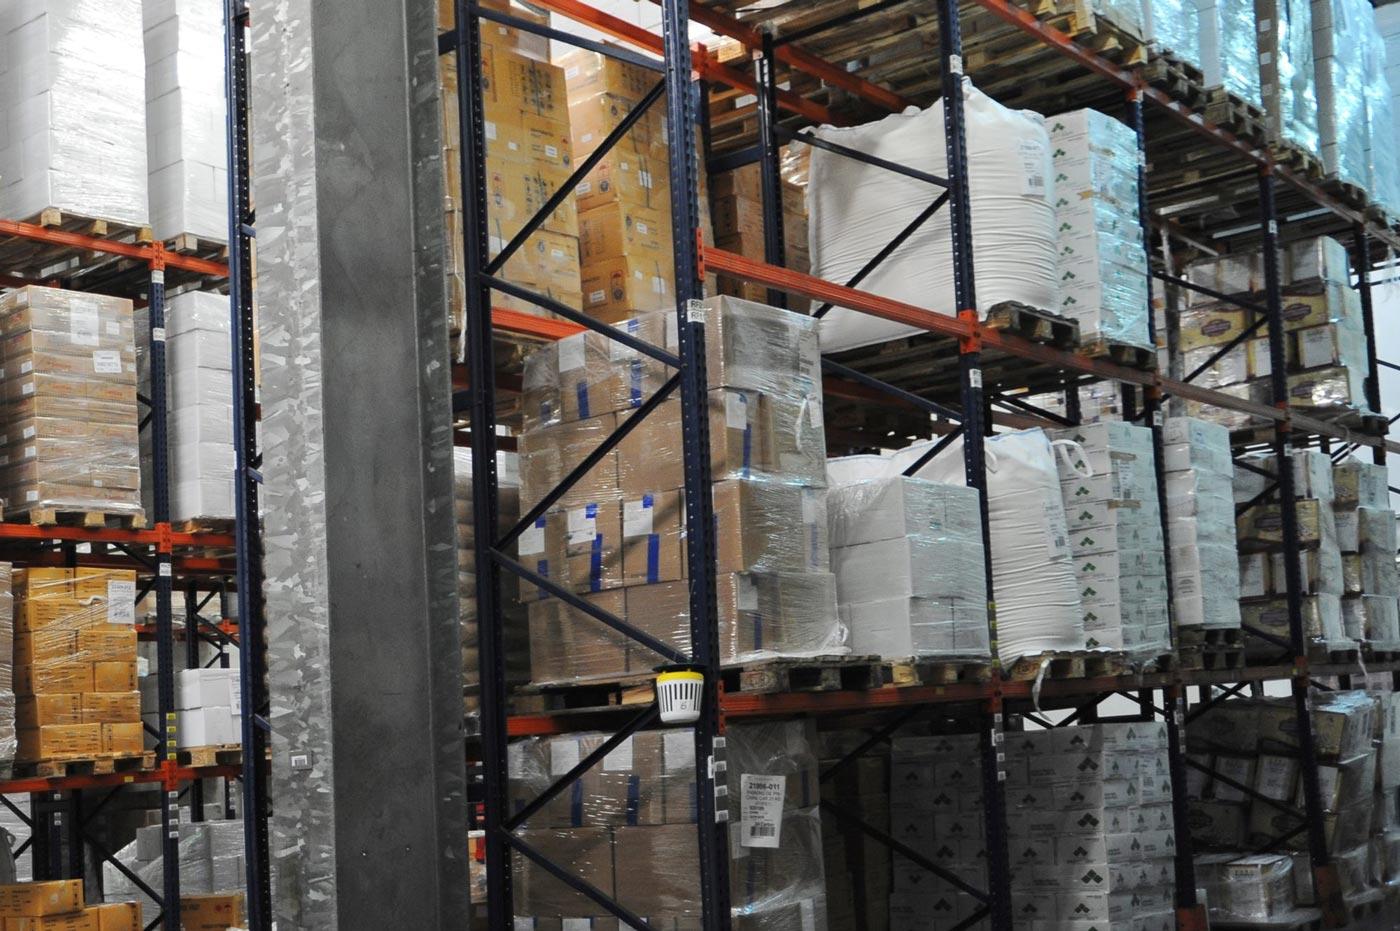 stockage des matières premières